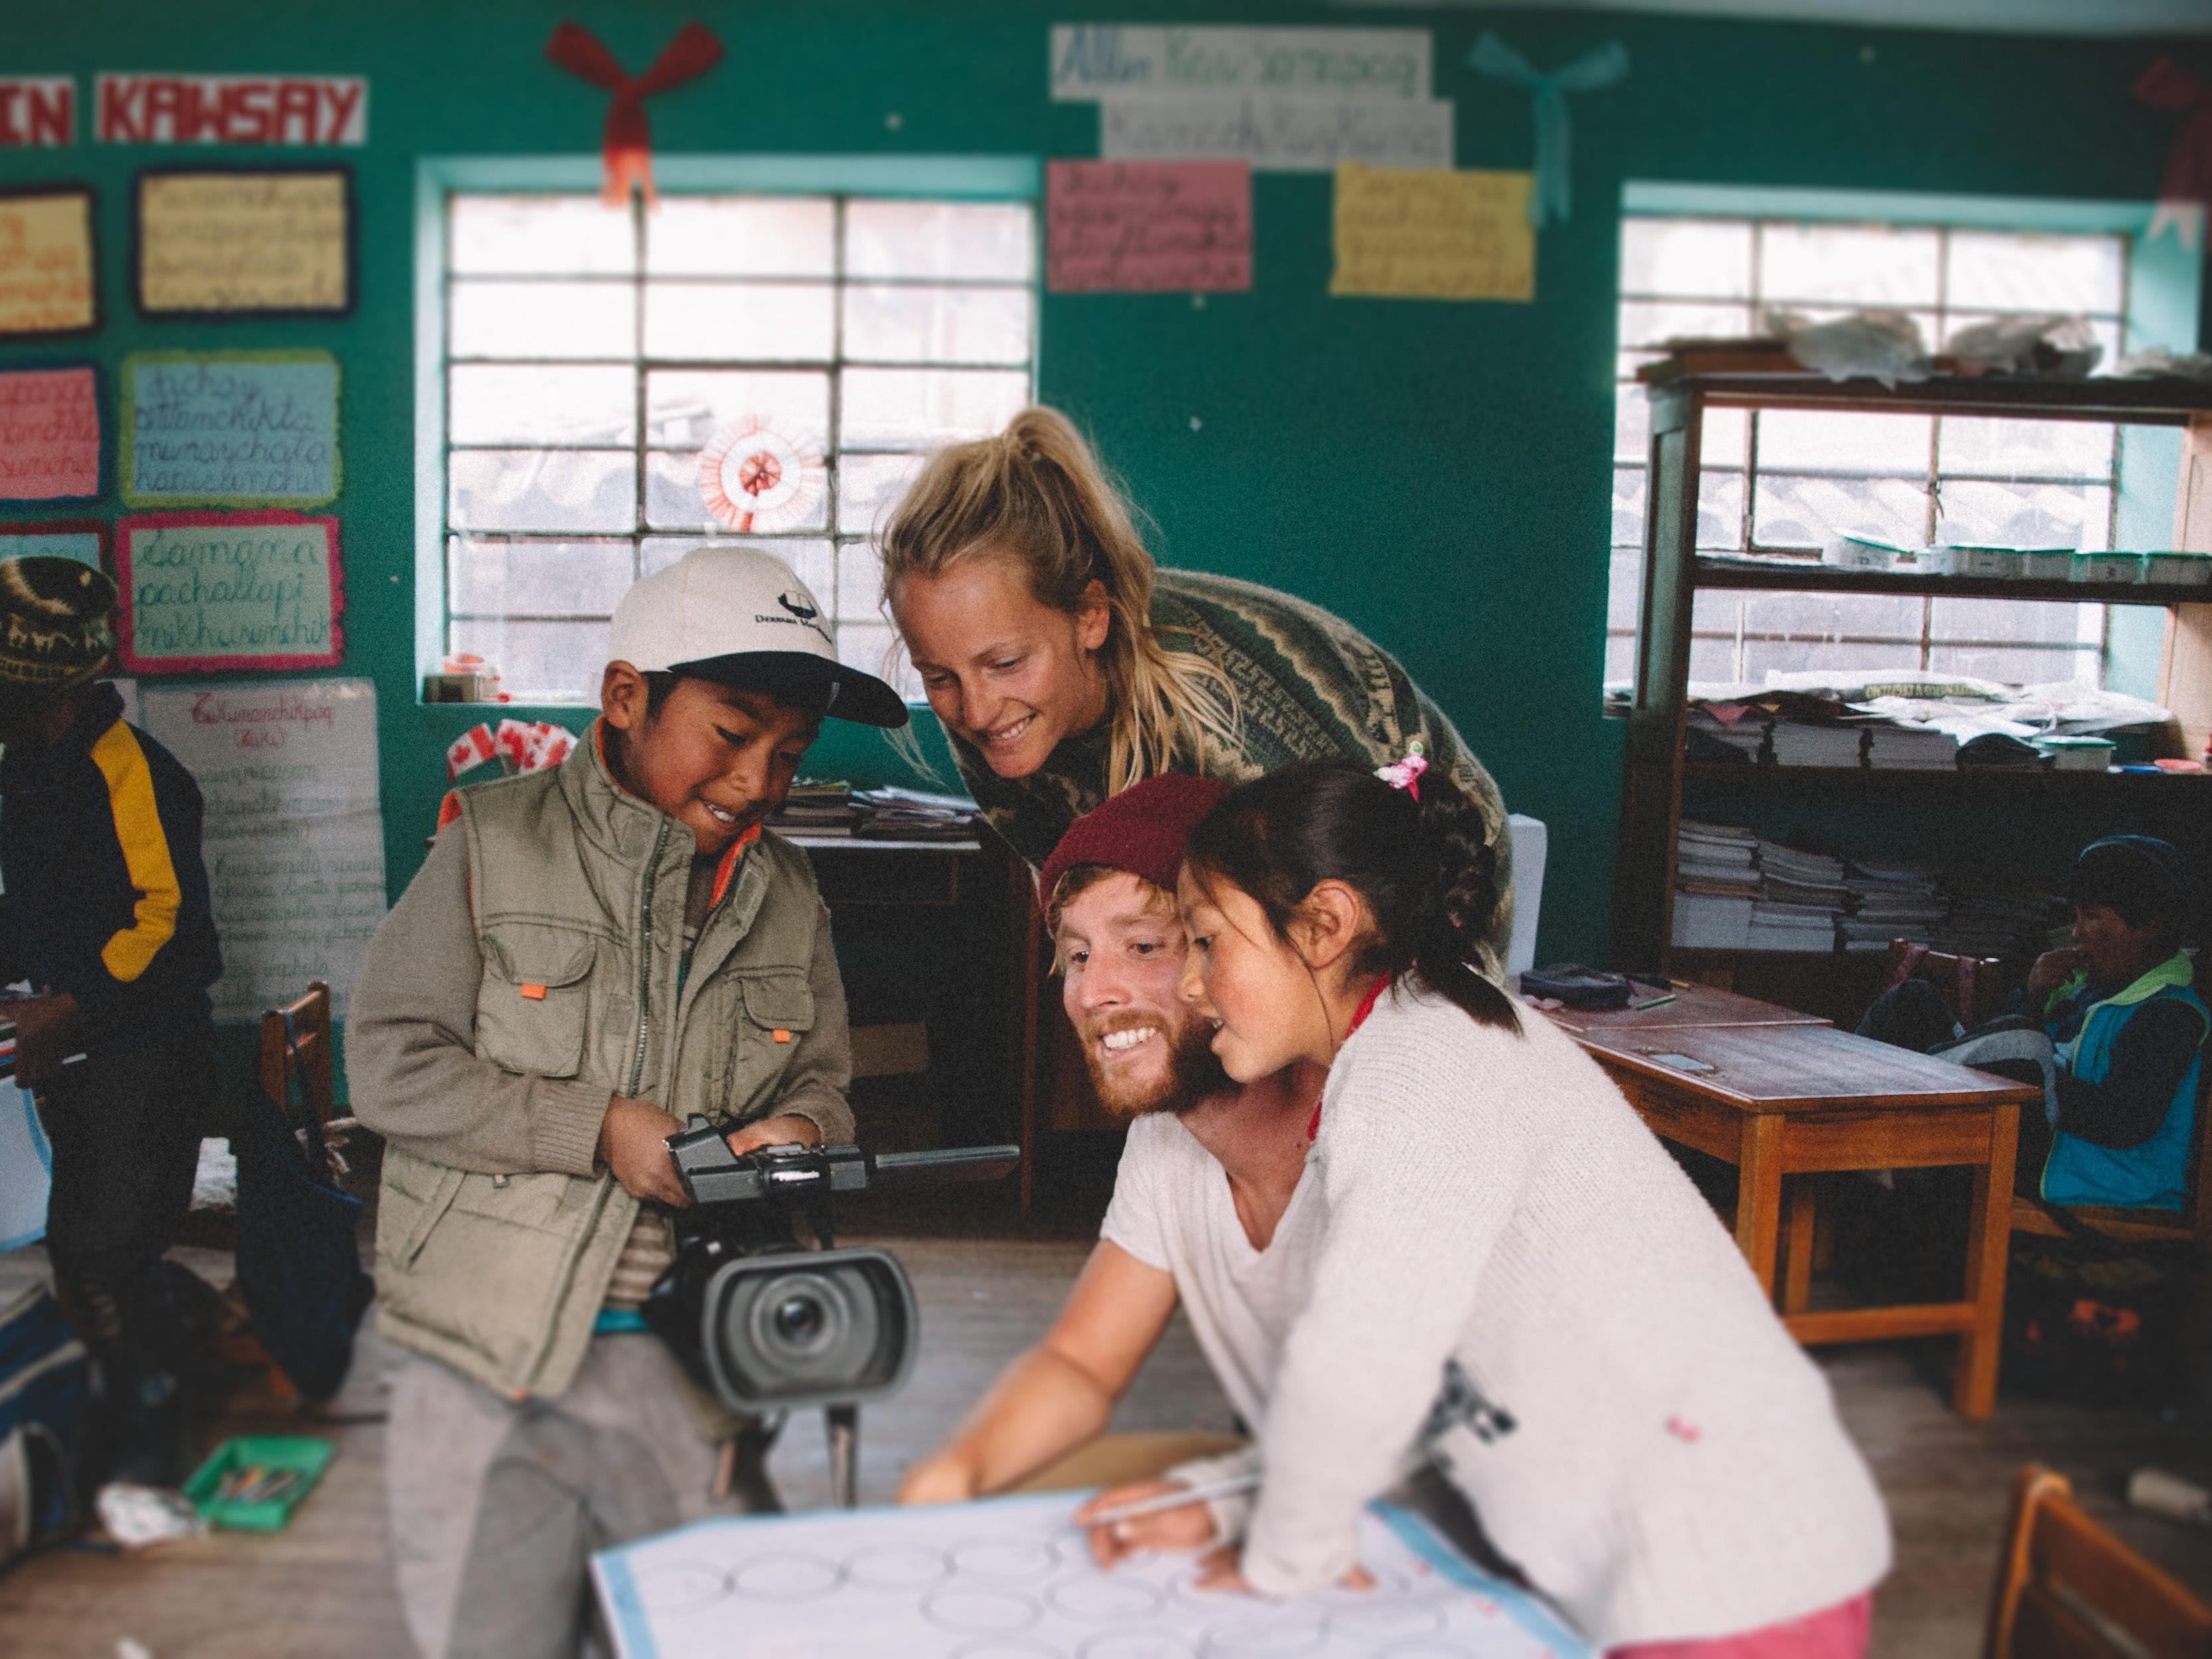 Die Feldkircher Globetrotter Philipp Mück und Liz Schrenk unterstützen ein Hilfsprojekt in Peru.